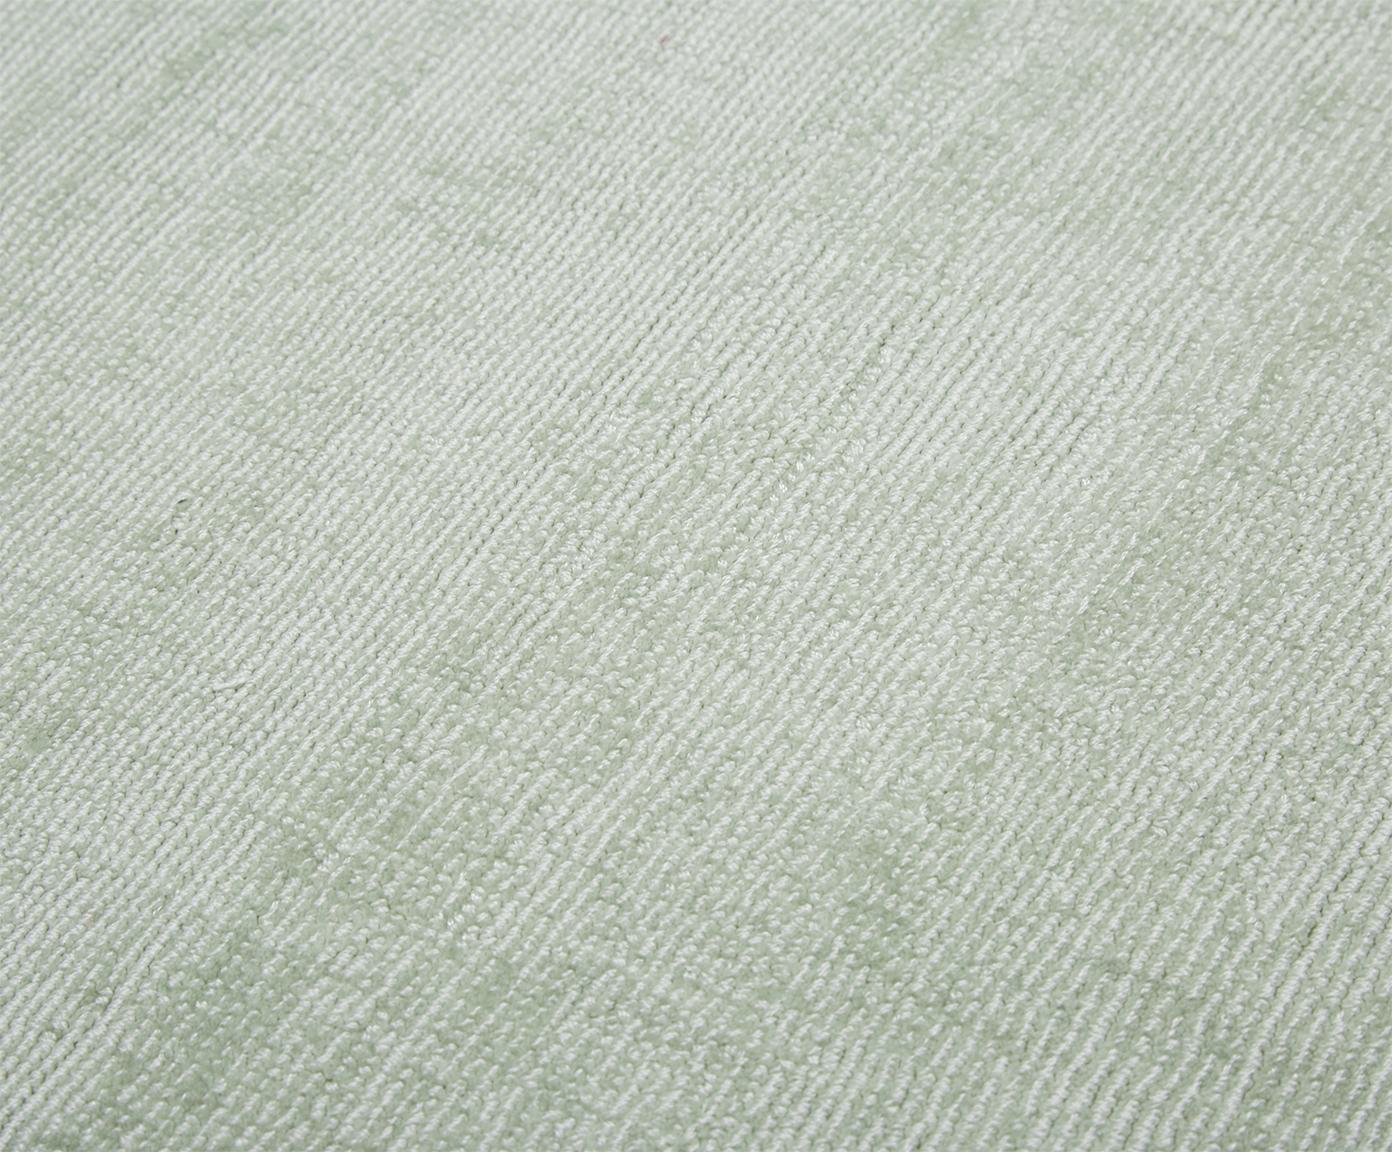 Okrągły ręcznie tkany dywan z wiskozy Jane, Zielony miętowy, Ø 200 cm (Rozmiar L)